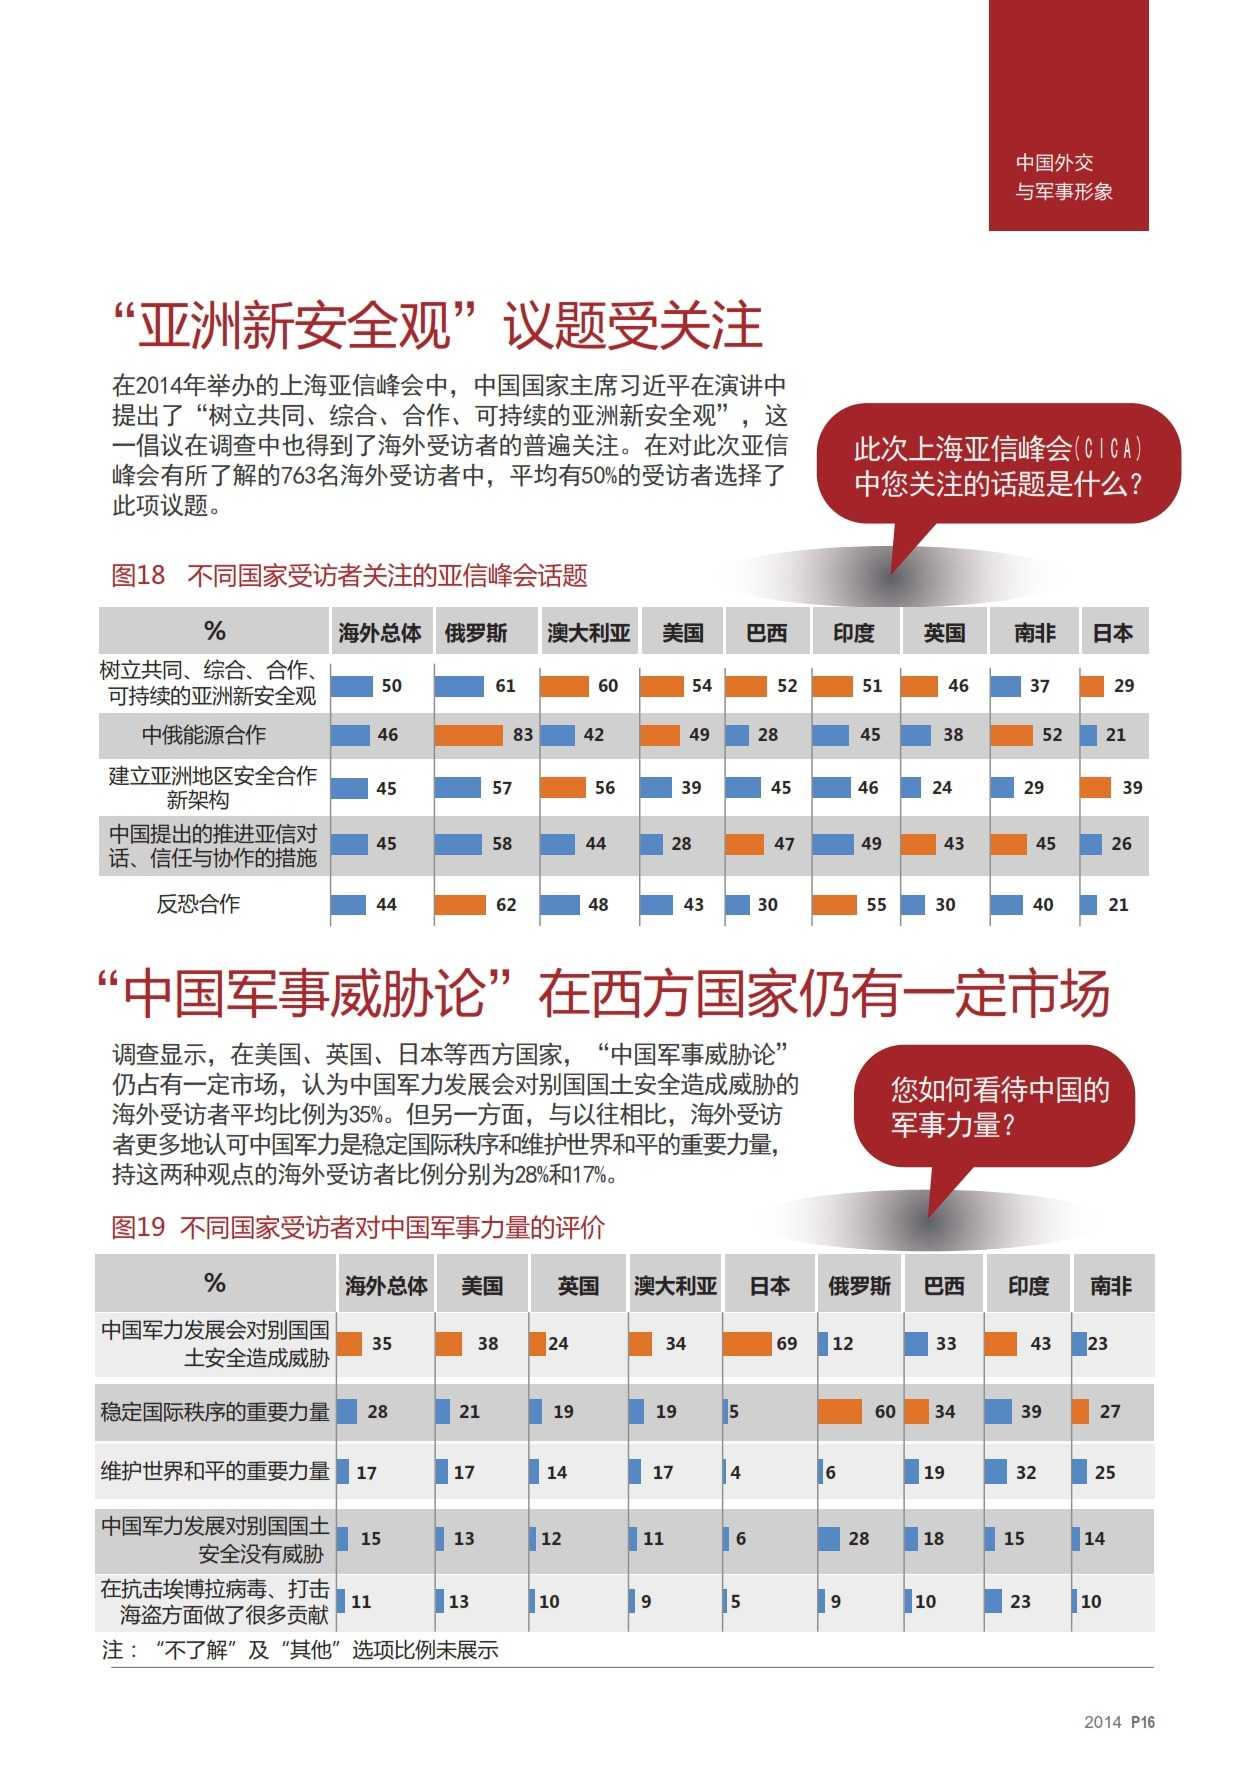 2014中国国家形象全球调查报告-v17_015